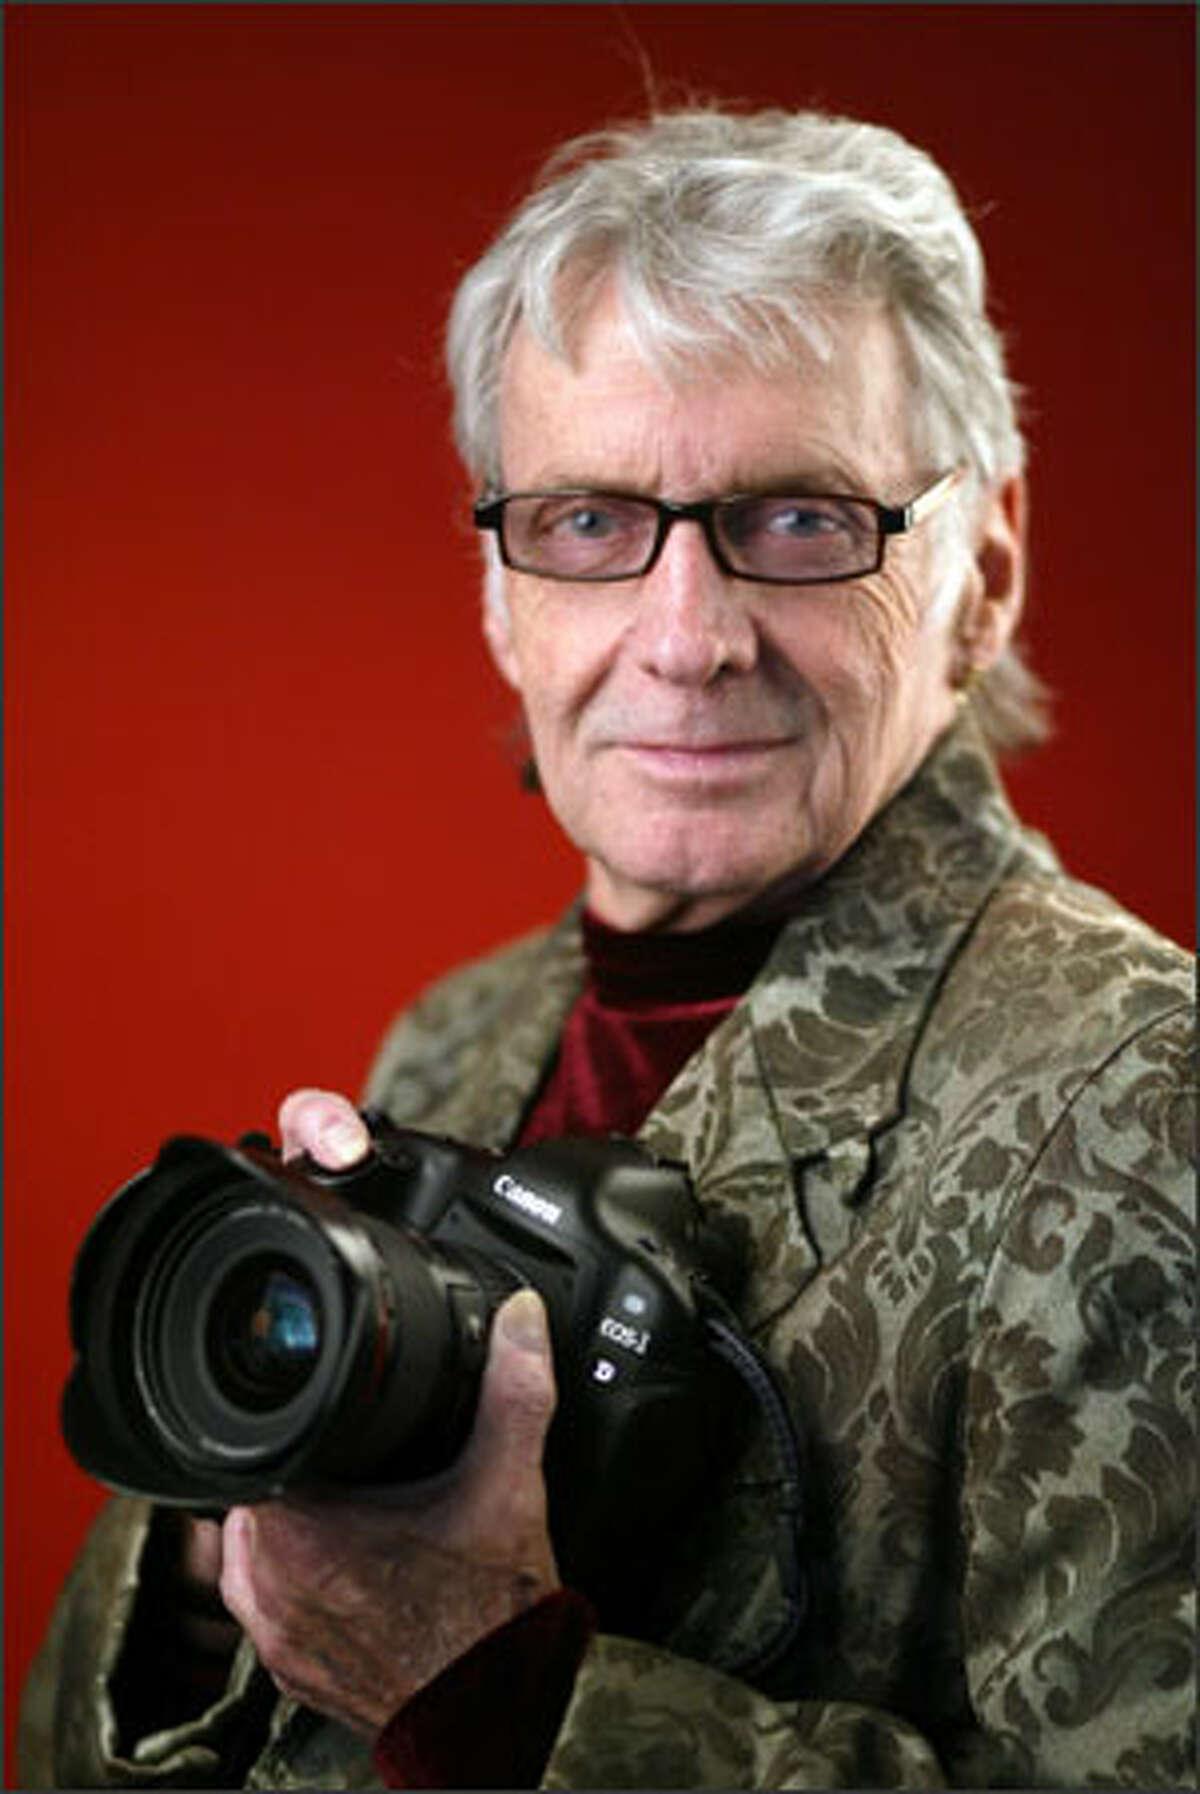 Phil Webber, 1938-2006